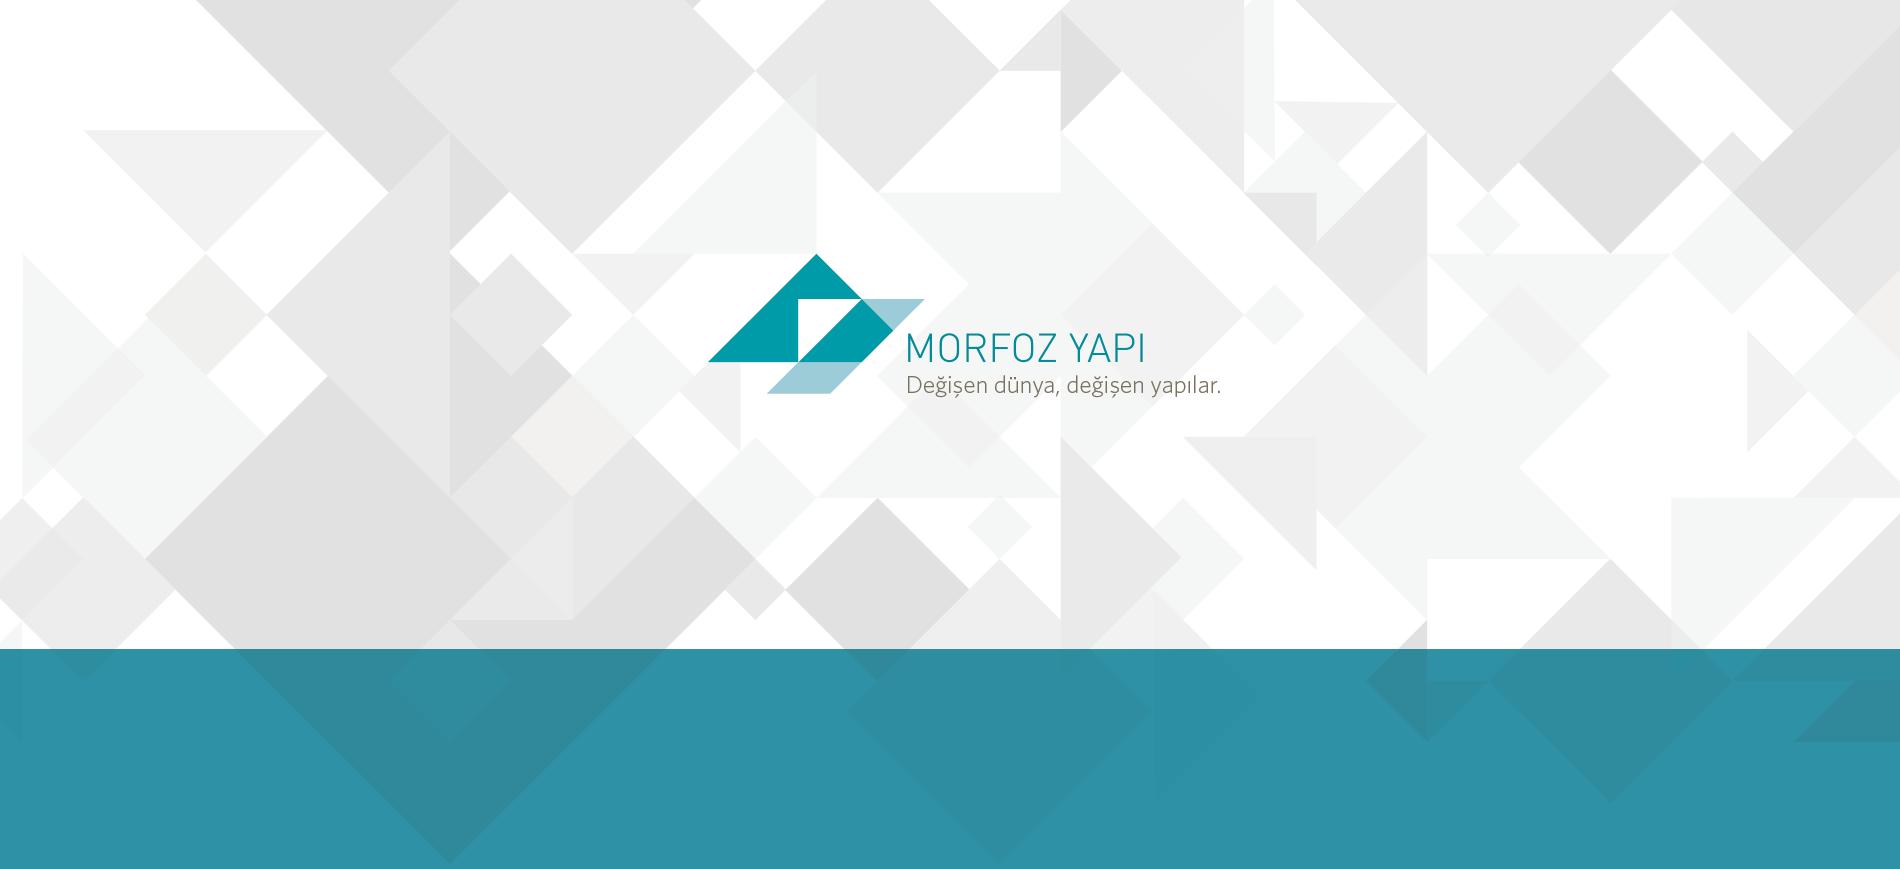 Morfoz_logo_plus_pattern